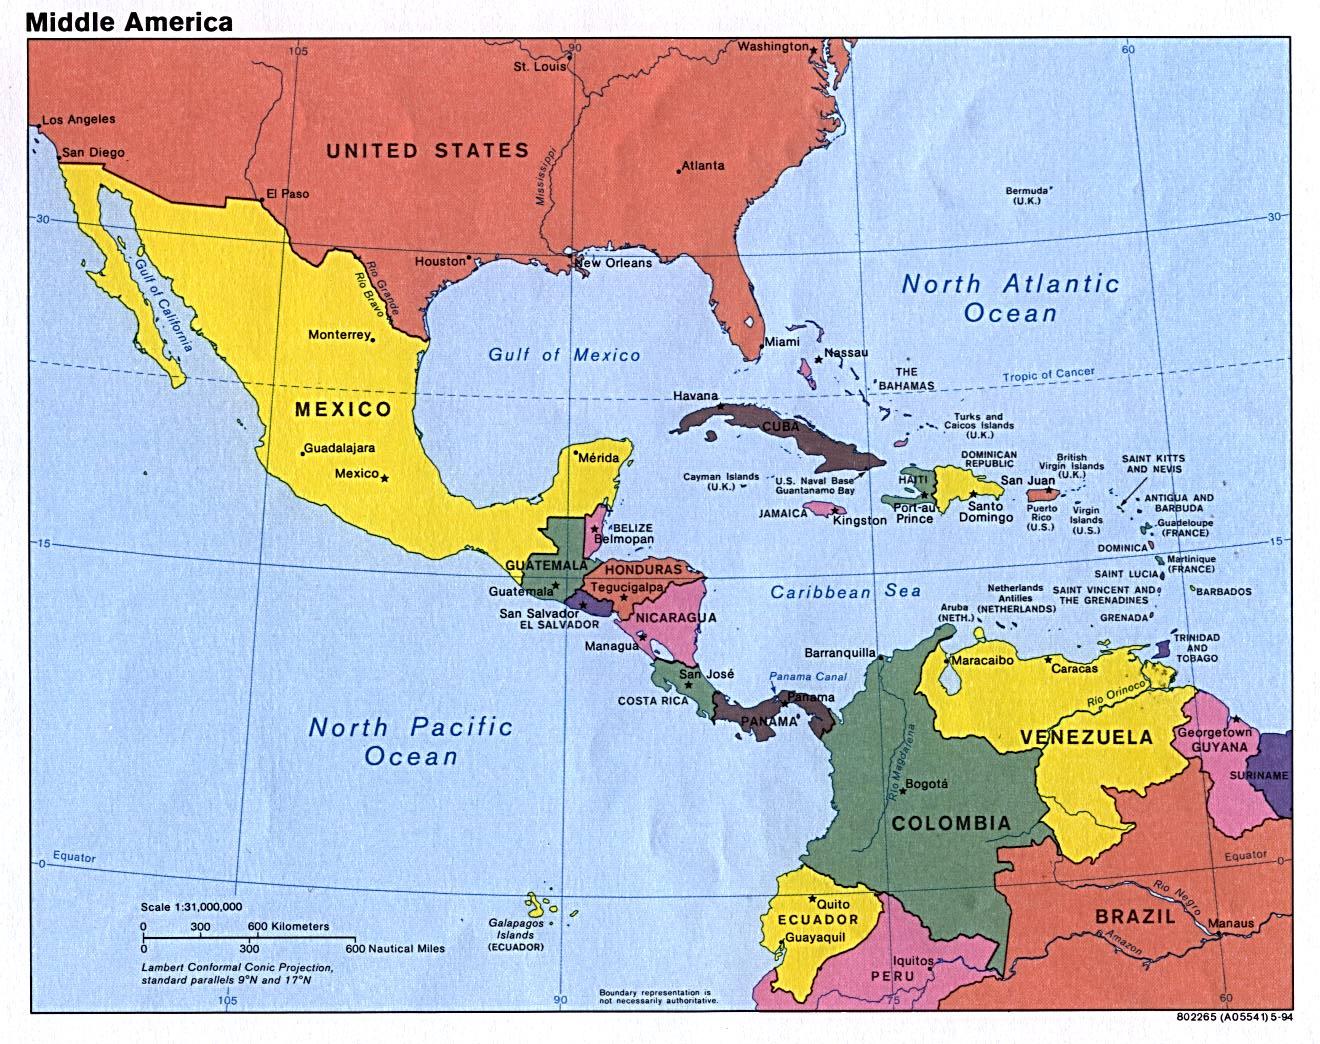 1994 in Central America